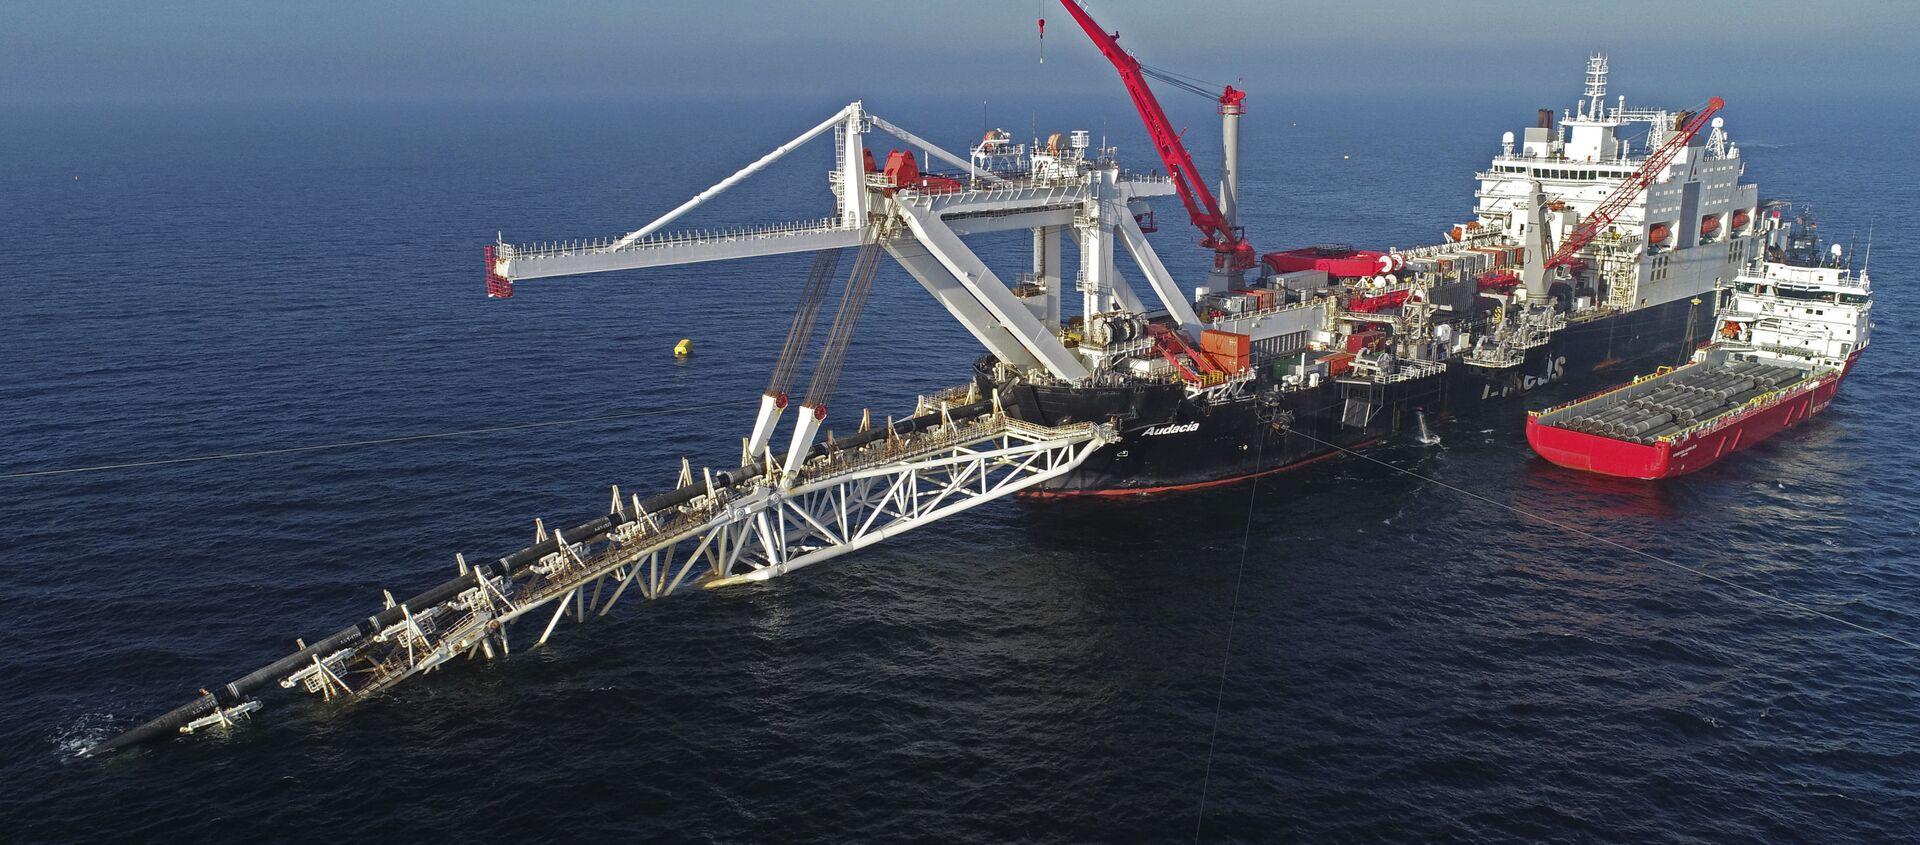 Pokládka potrubí plynovodu Nord Stream 2 lodí Fortuna v Baltském moři - Sputnik Česká republika, 1920, 21.02.2021